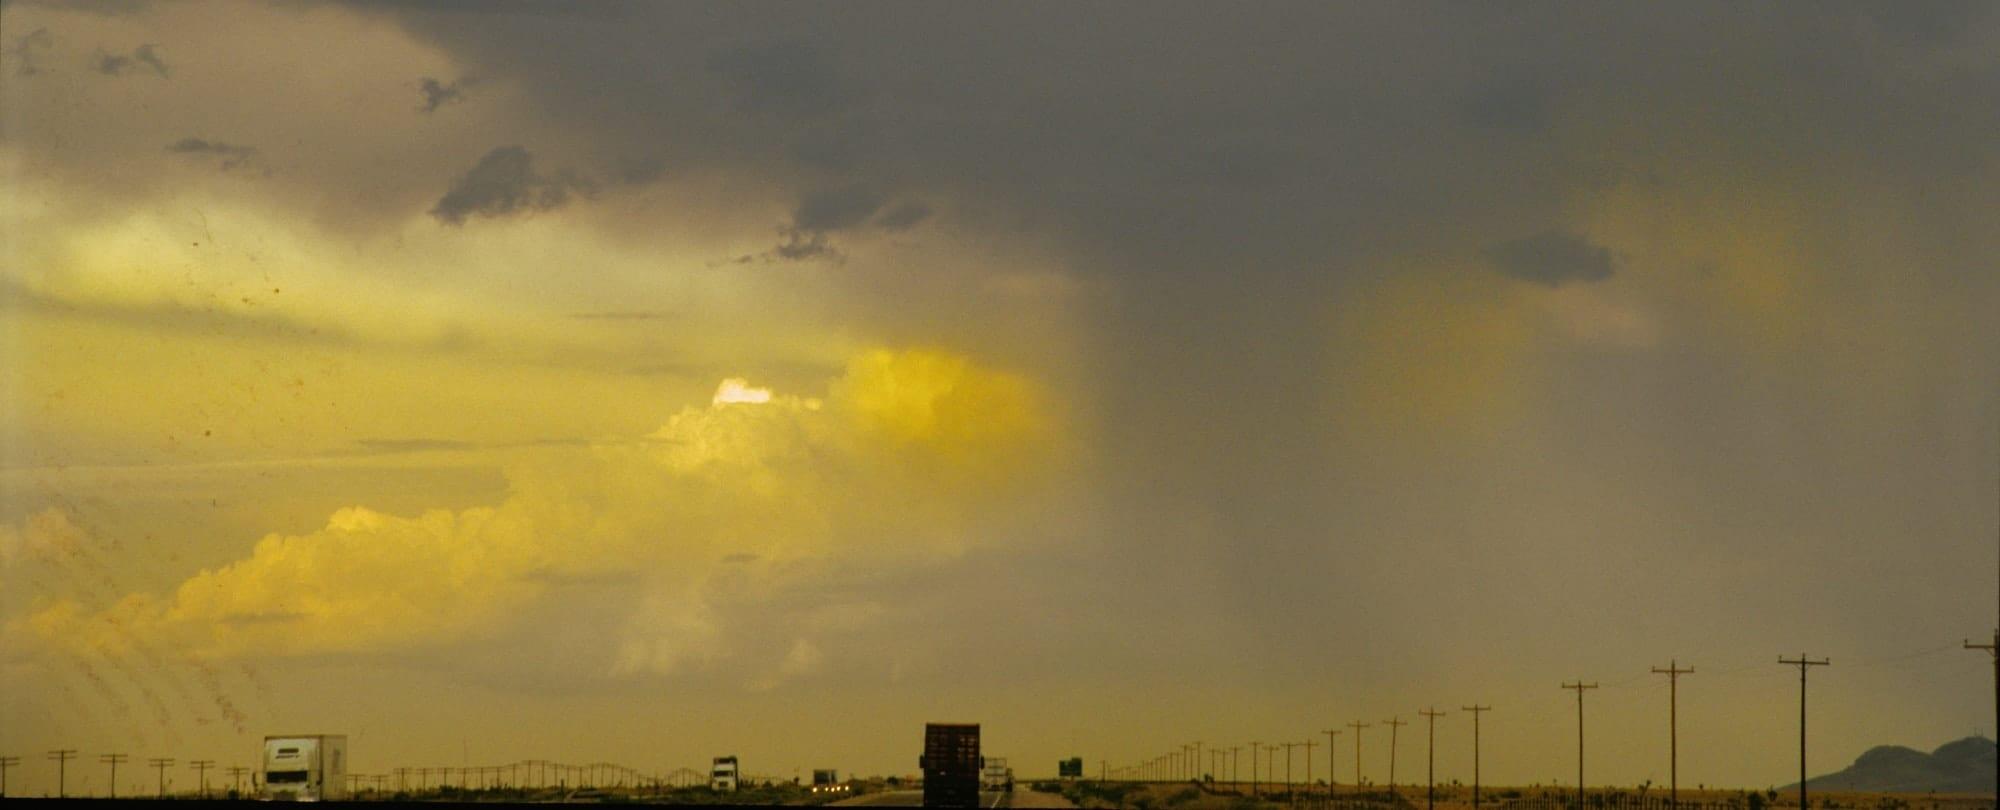 Immagine casuale che richiama alla serendipità: nell'immagine si vede una strada trafficata, sullo sfondo vi è un temporale